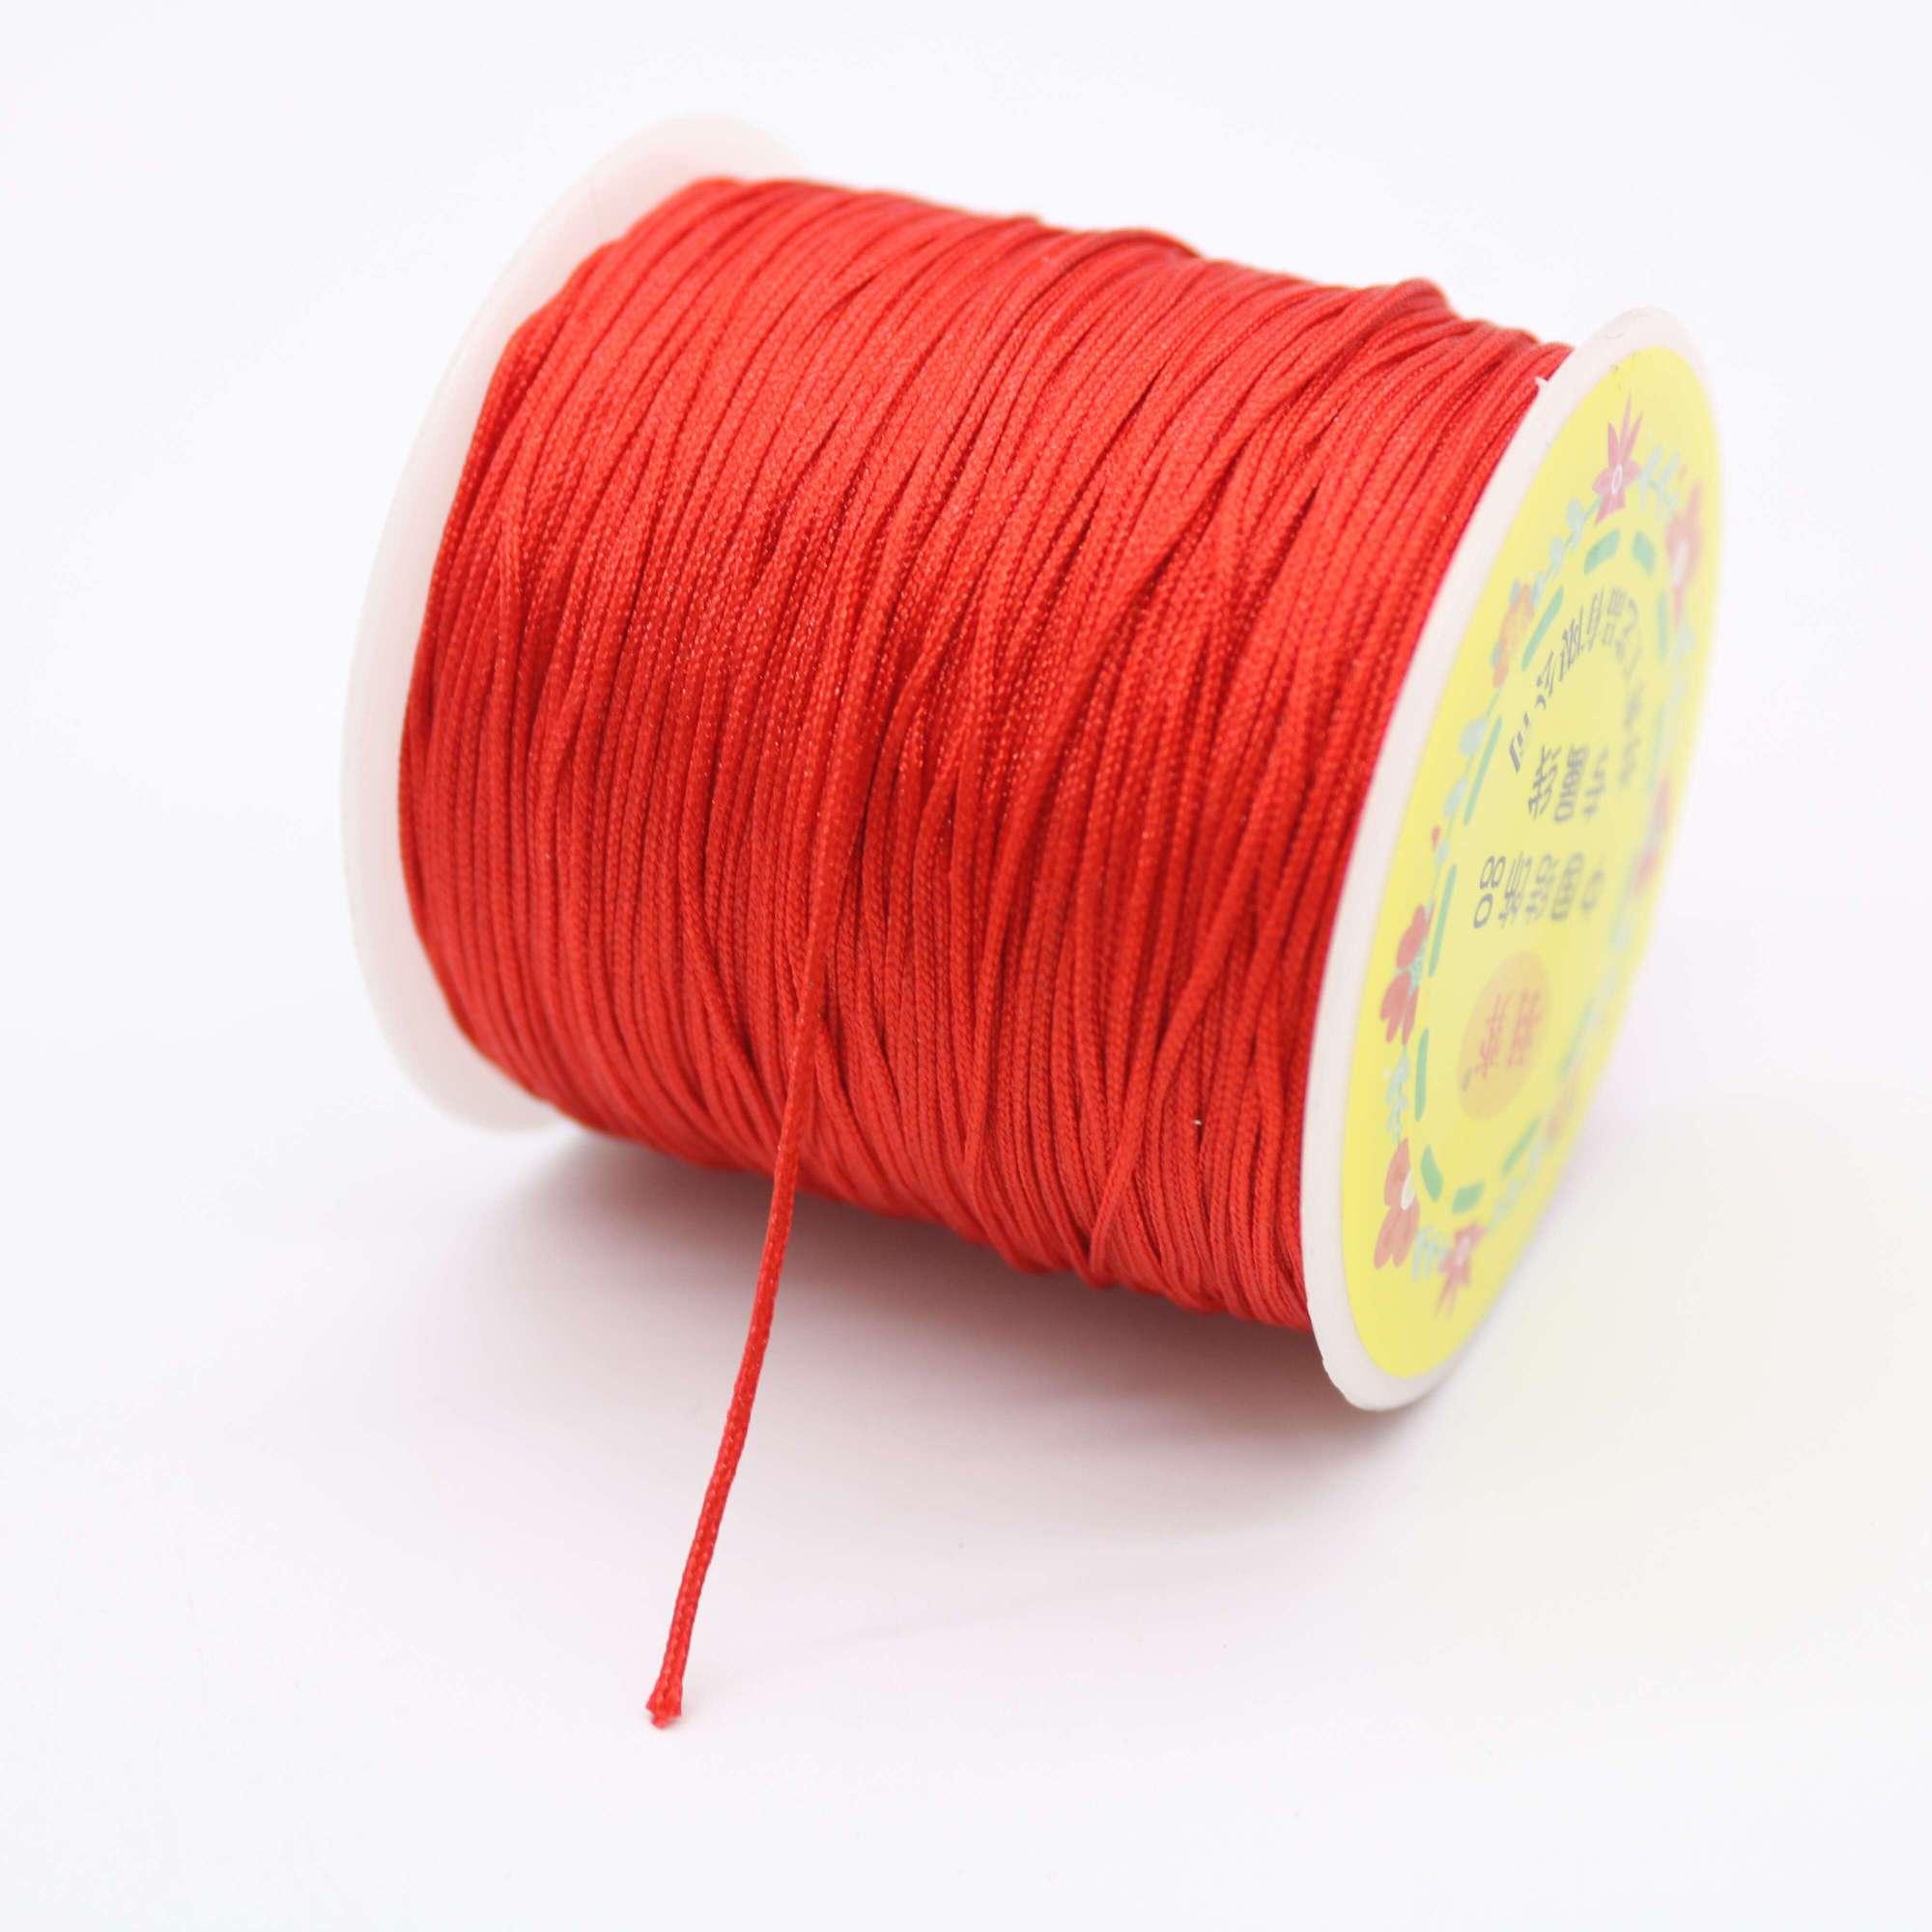 现货台湾玉线72号0.8mm细玉线手工diy编织线 中国结流苏编织线绳